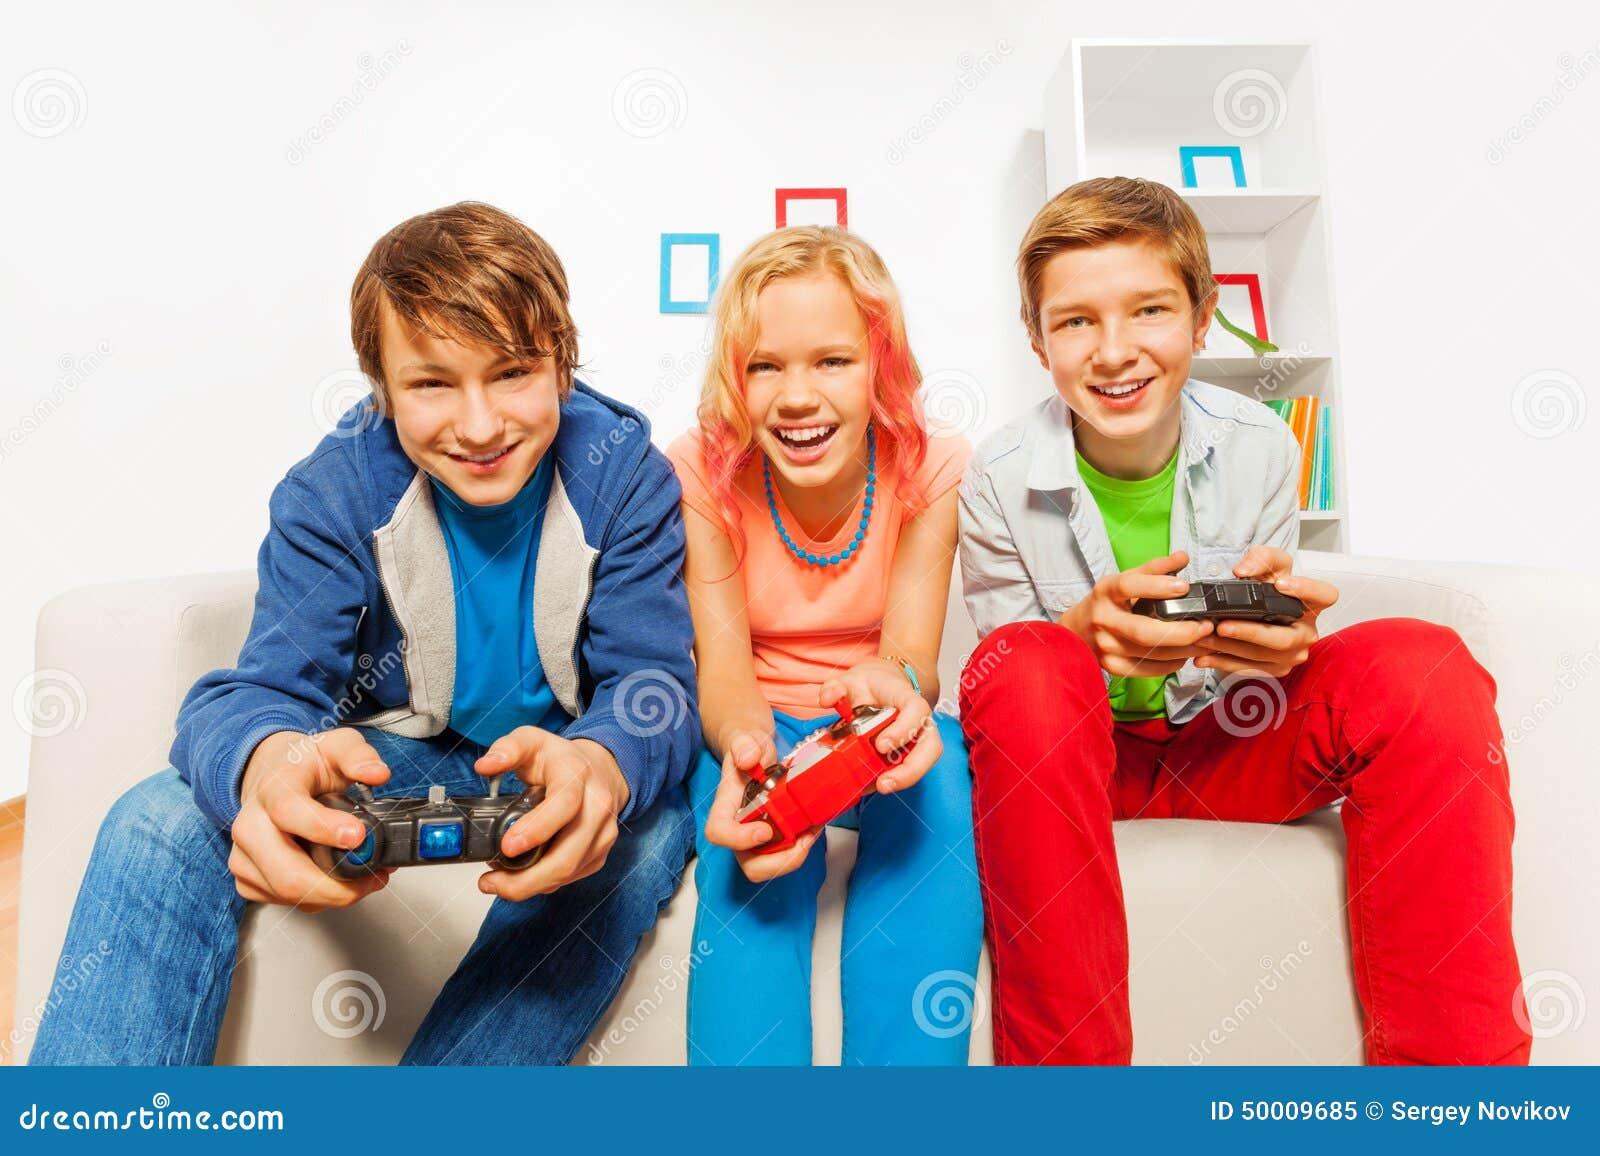 Glücklicher Teenager hält Steuerknüppel und Spielspielkonsole